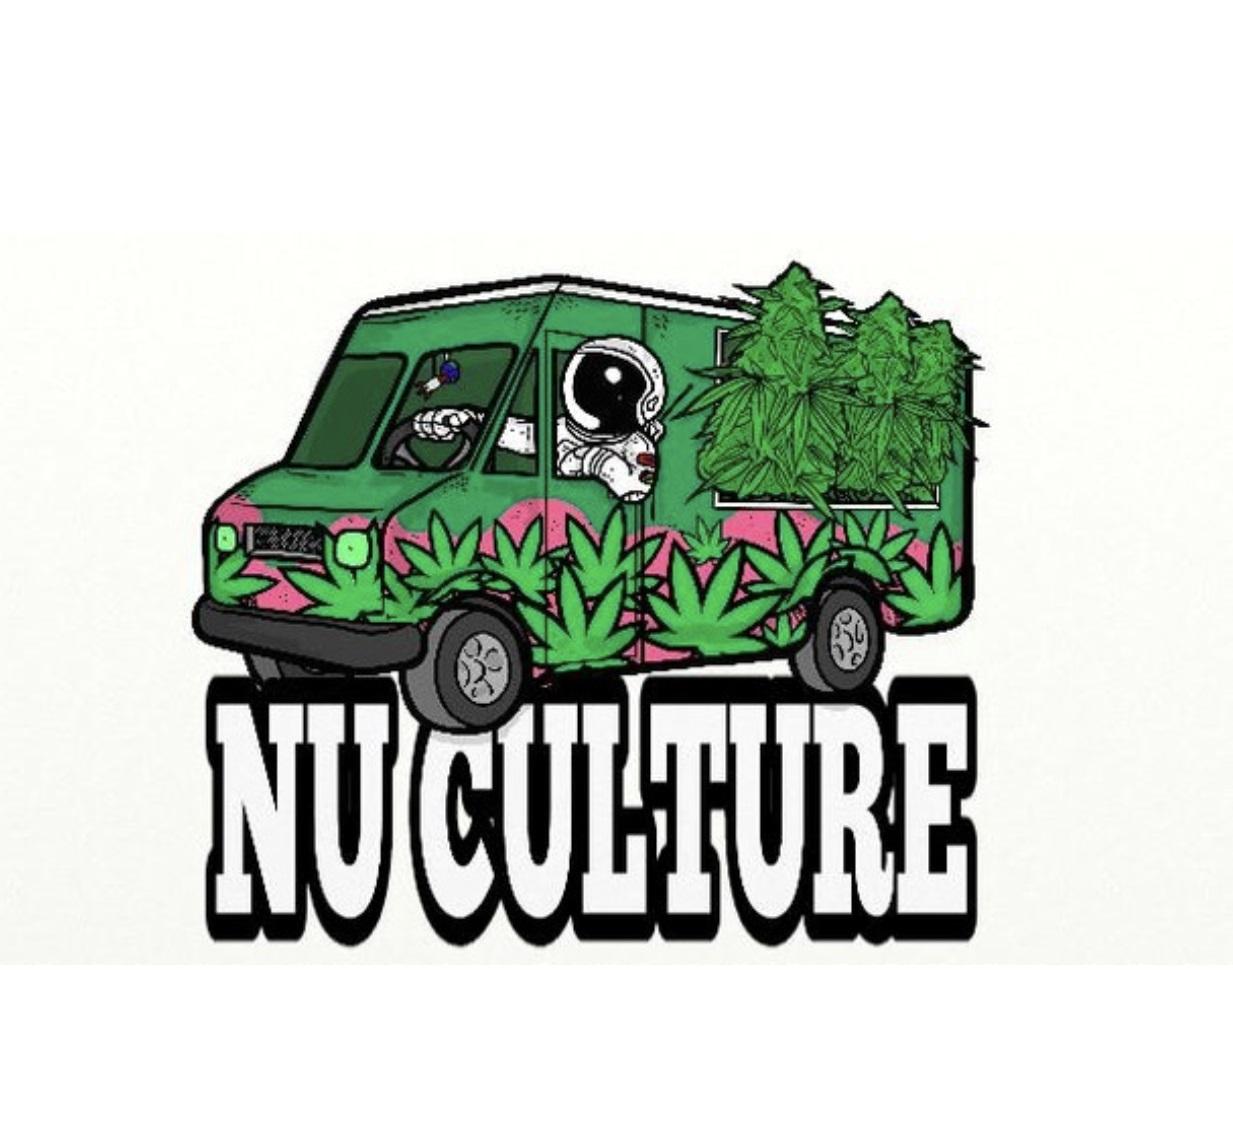 Nu Culture image